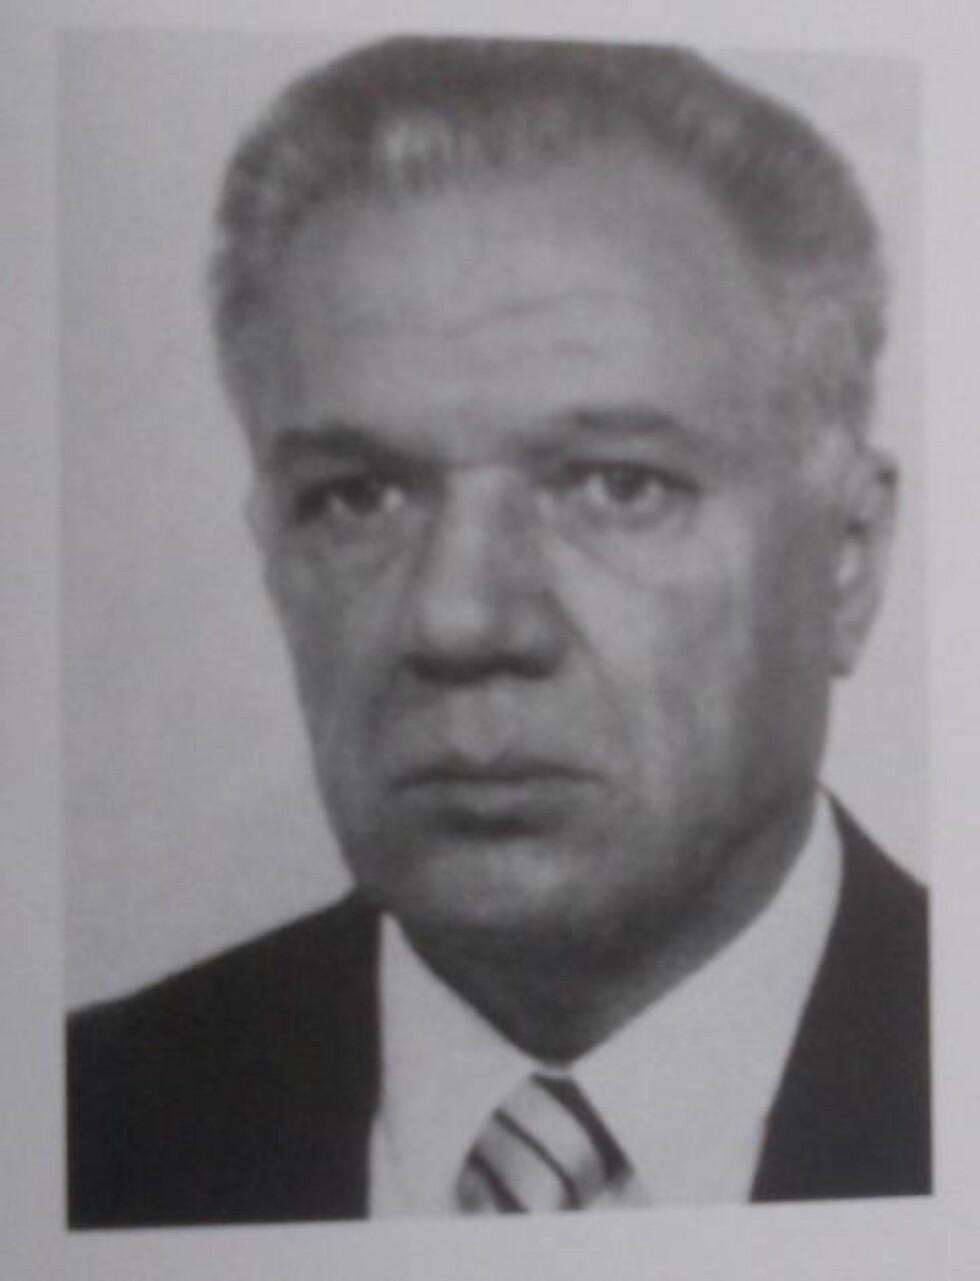 KODENAVN GRATSJOV: I sommer skrev Dagbladet om den russiske KGB-agenten som hadde kodenavnet «Gratsjov». KGB-agenten var spesialist på sabotasjeaksjoner og minelegging. I Mitrokhin-arkivet blir «Gratsjov»s oppdrag i Norge beskrevet. Først og fremst skulle han finne steder i Norge hvor Sovjetunionen kunne utføre fallskjermdropp for etterretnings- og sabotasjeaksjoner. I tillegg skulle han etablere depoter og verve norske agenter. Foto: KIMMO RENTOLA